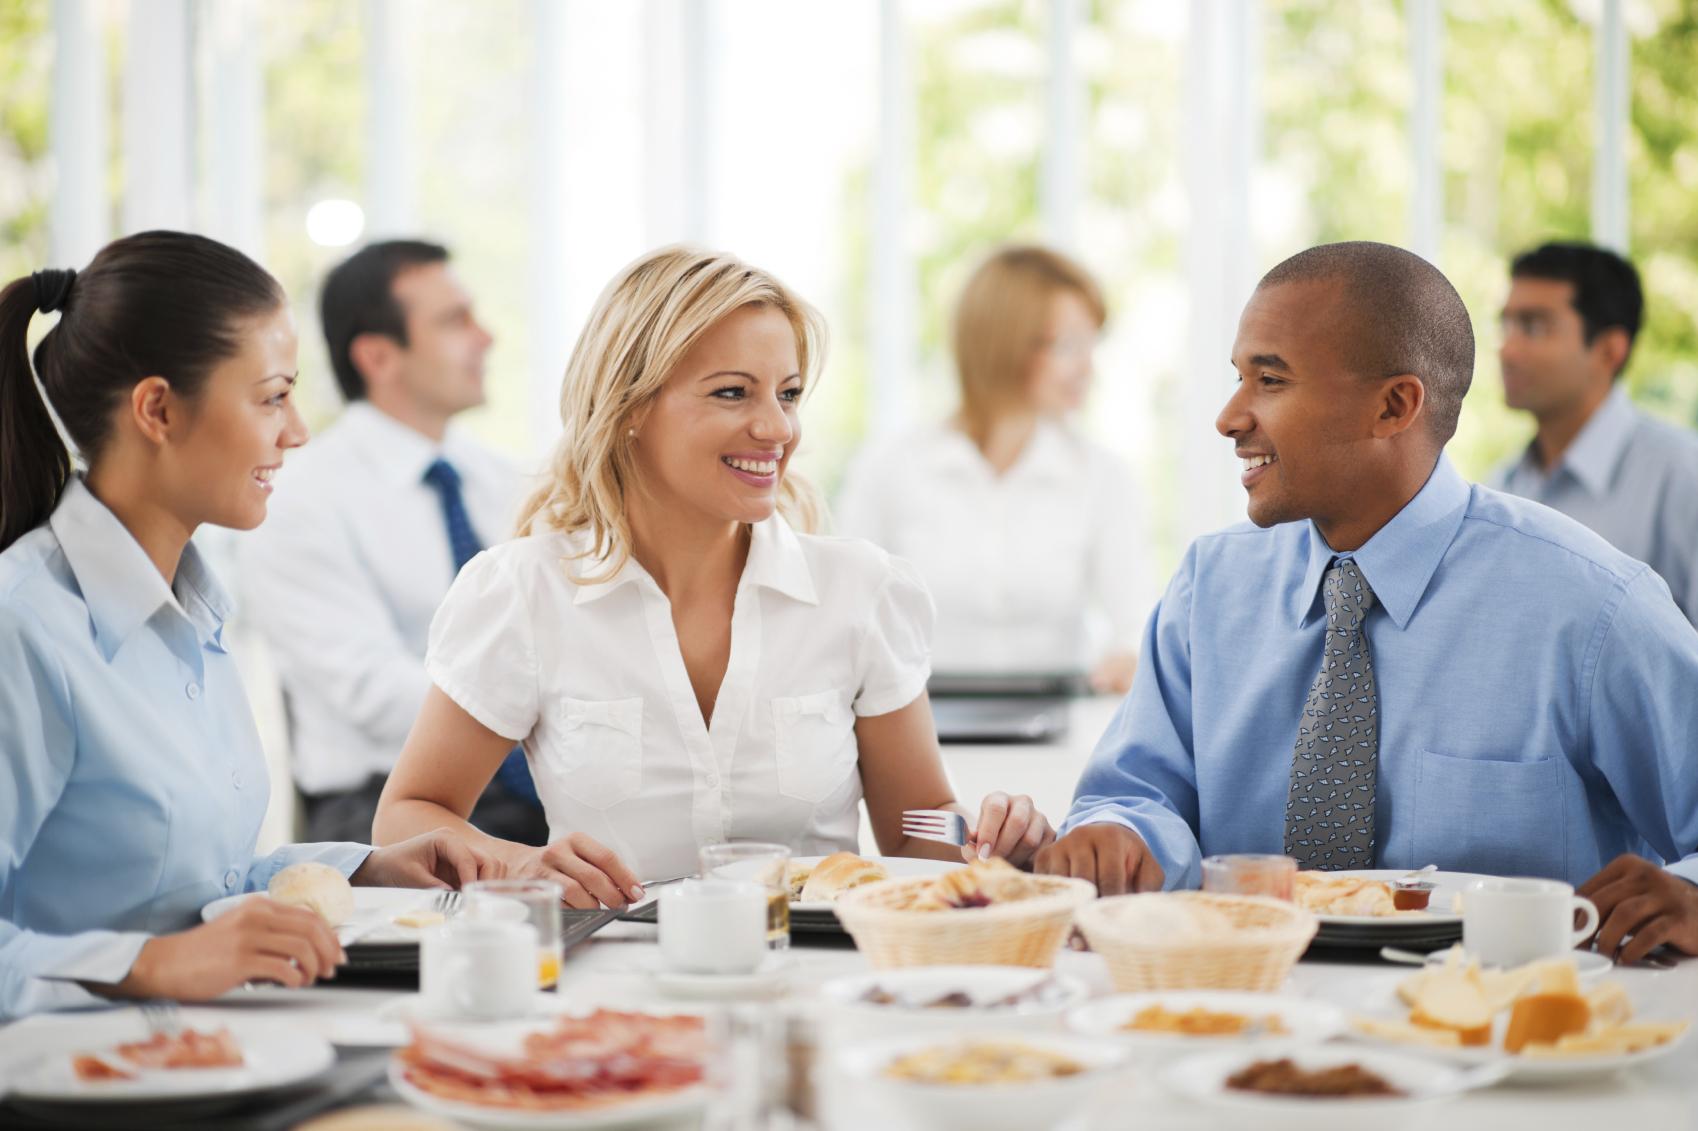 Dining Etiquette & Protocol